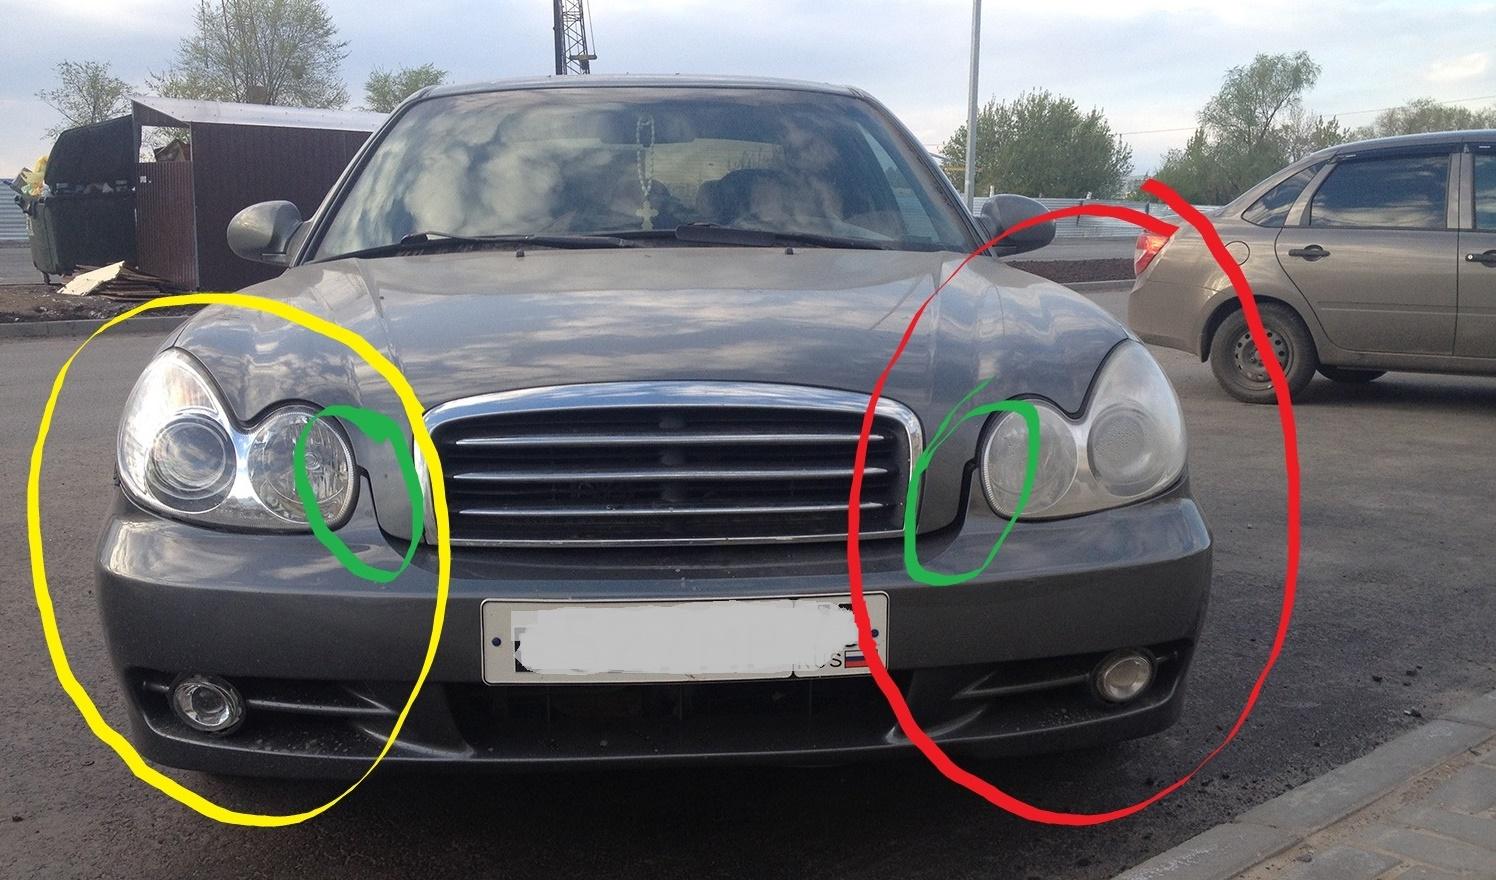 Примеры того, на что обращать внимание при осмотре автомобиля